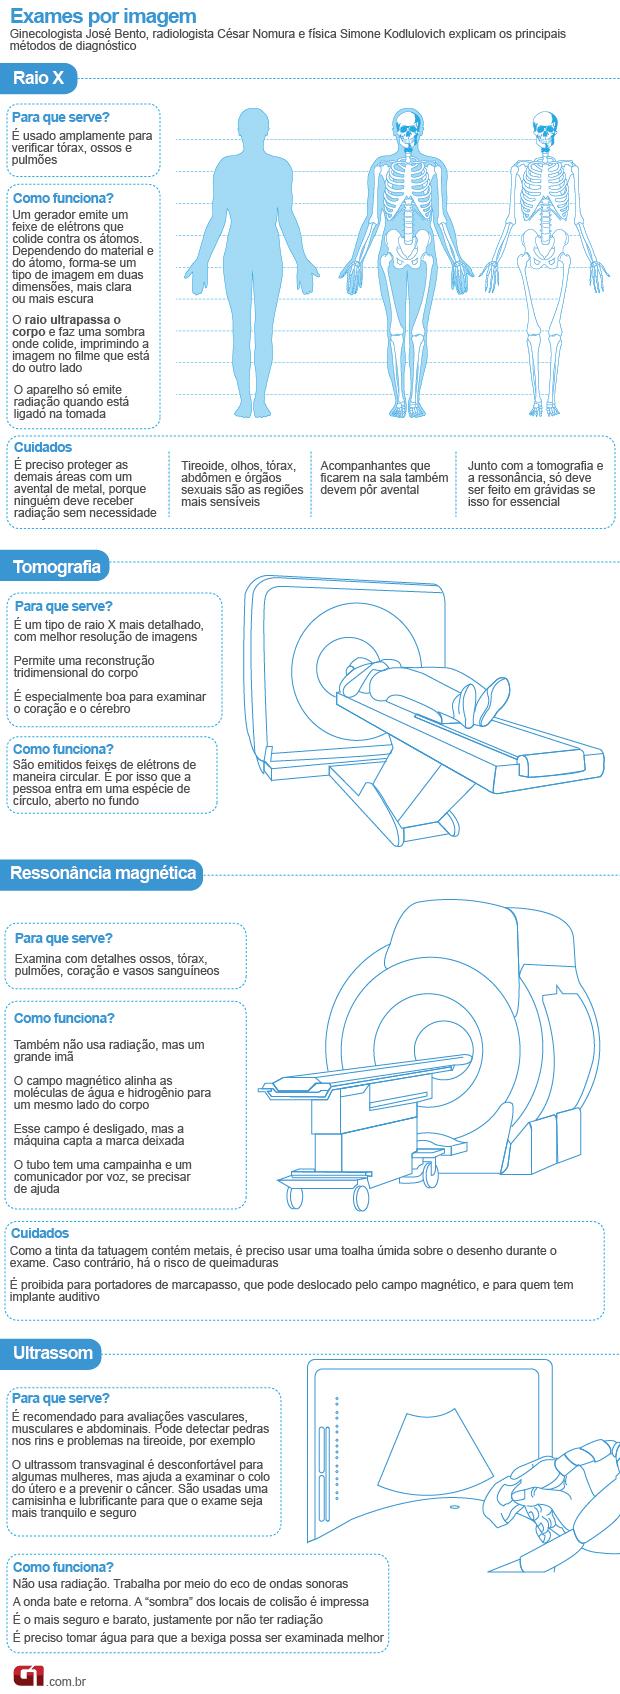 Exames médicos raio X (Foto: Arte/G1)